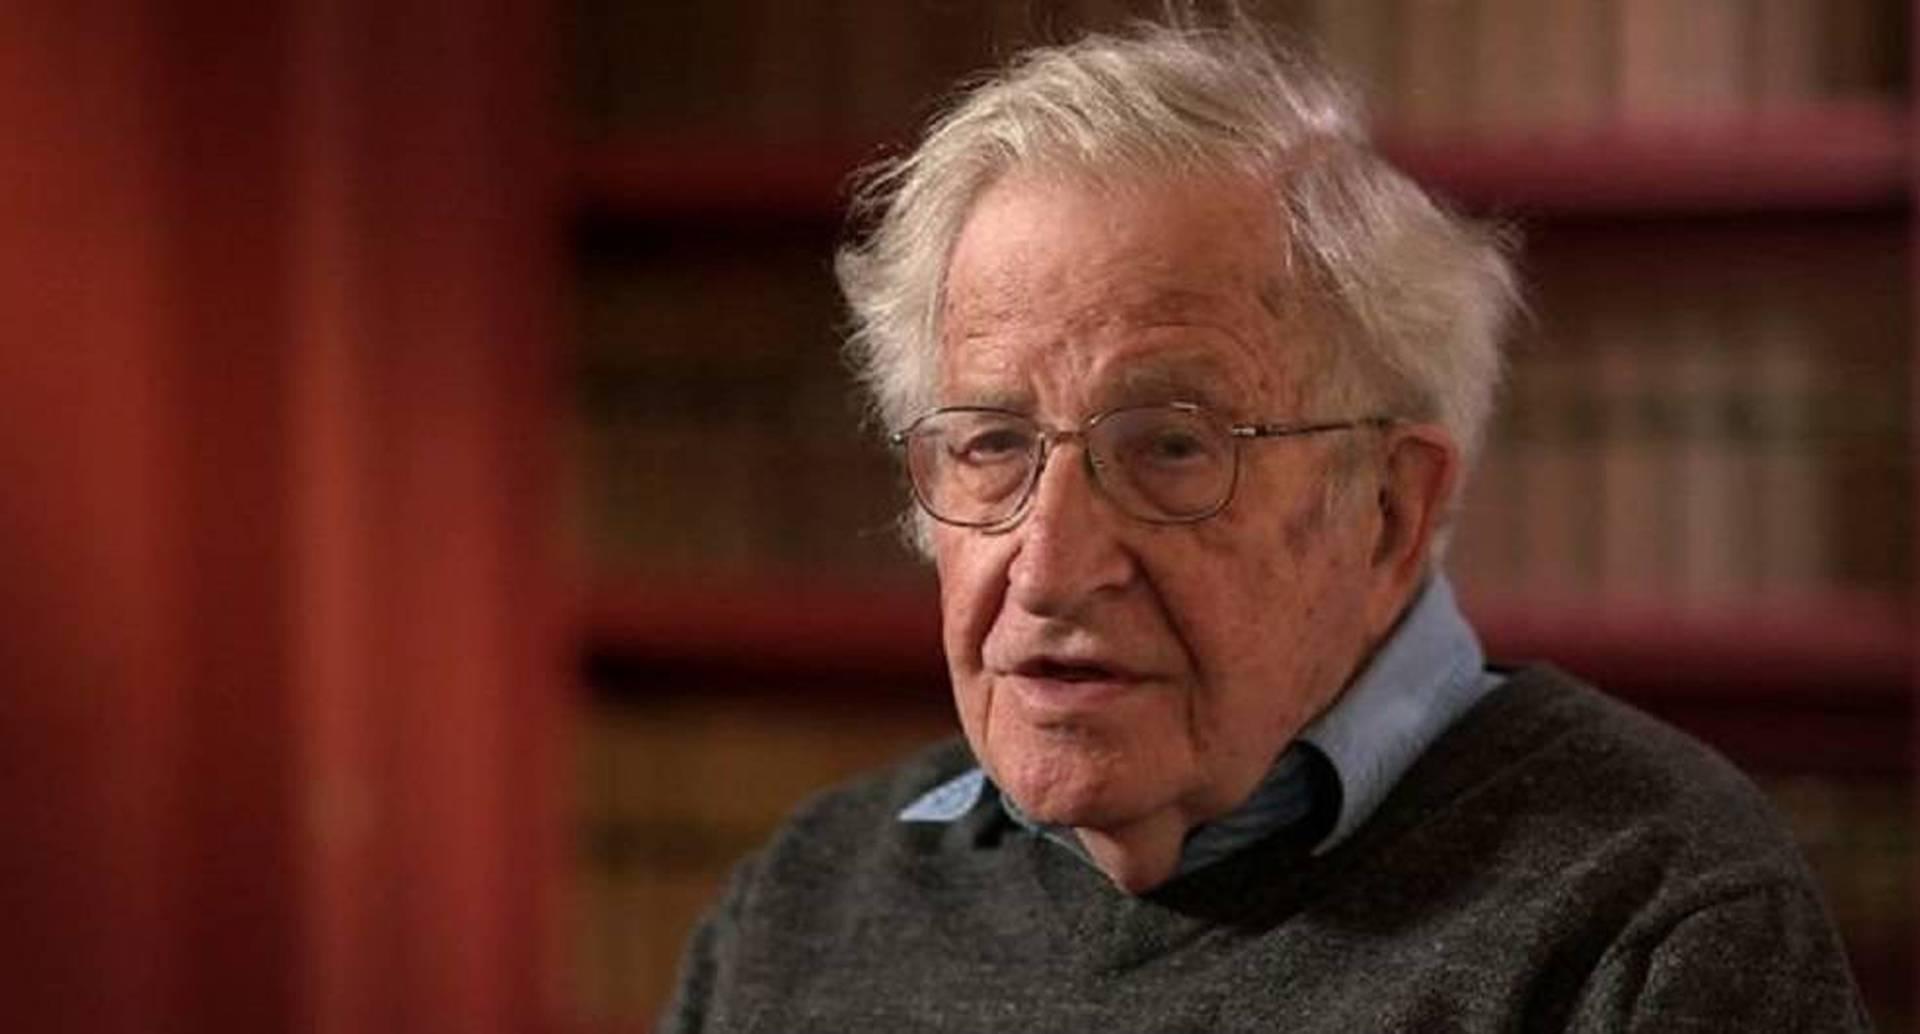 A sus 88 años Noam Chomsky sigue clamando contra la injusticia social y la clase política que dirige Estados Unidos.